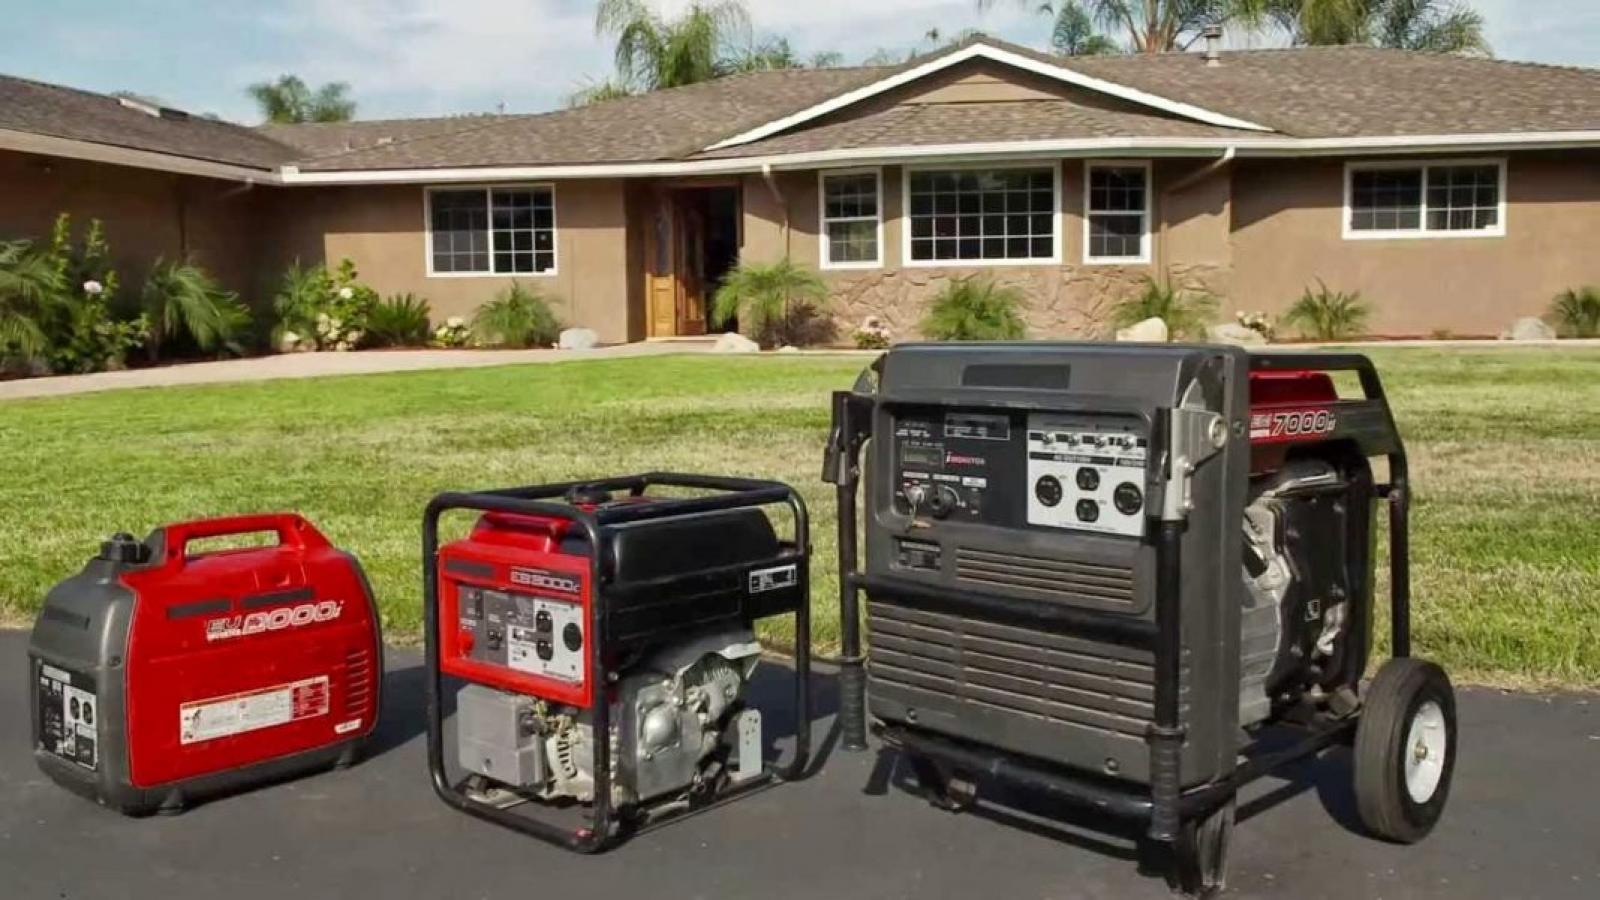 Какой бензогенератор лучше купить для дома